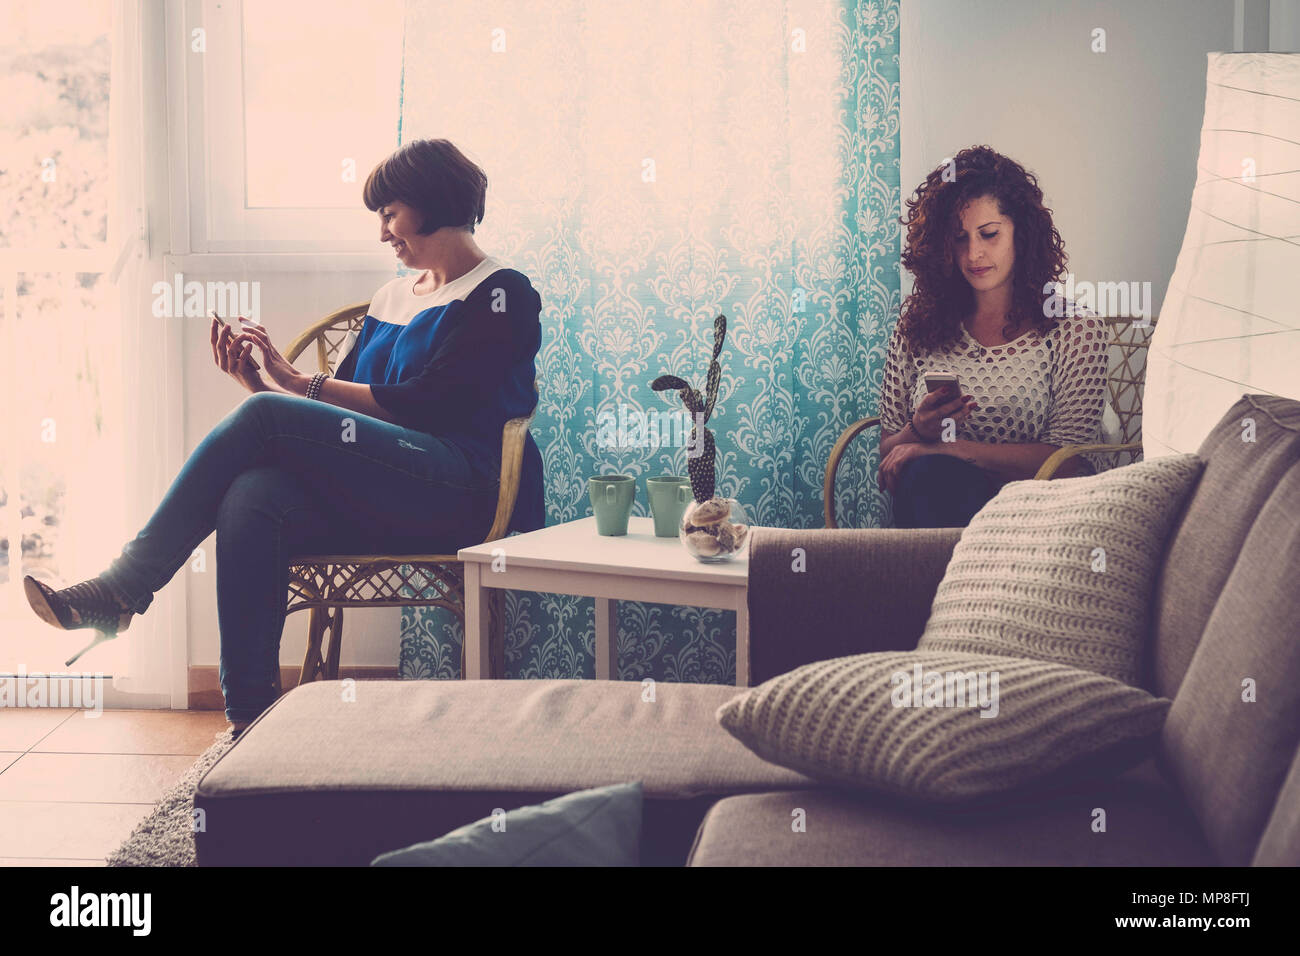 Dos mujeres amigos en casa, todos con un teléfono móvil y chat buscar o revisar el correo electrónico. No hablan entre sí en una moderna tecnología destruir amigo. Imagen De Stock